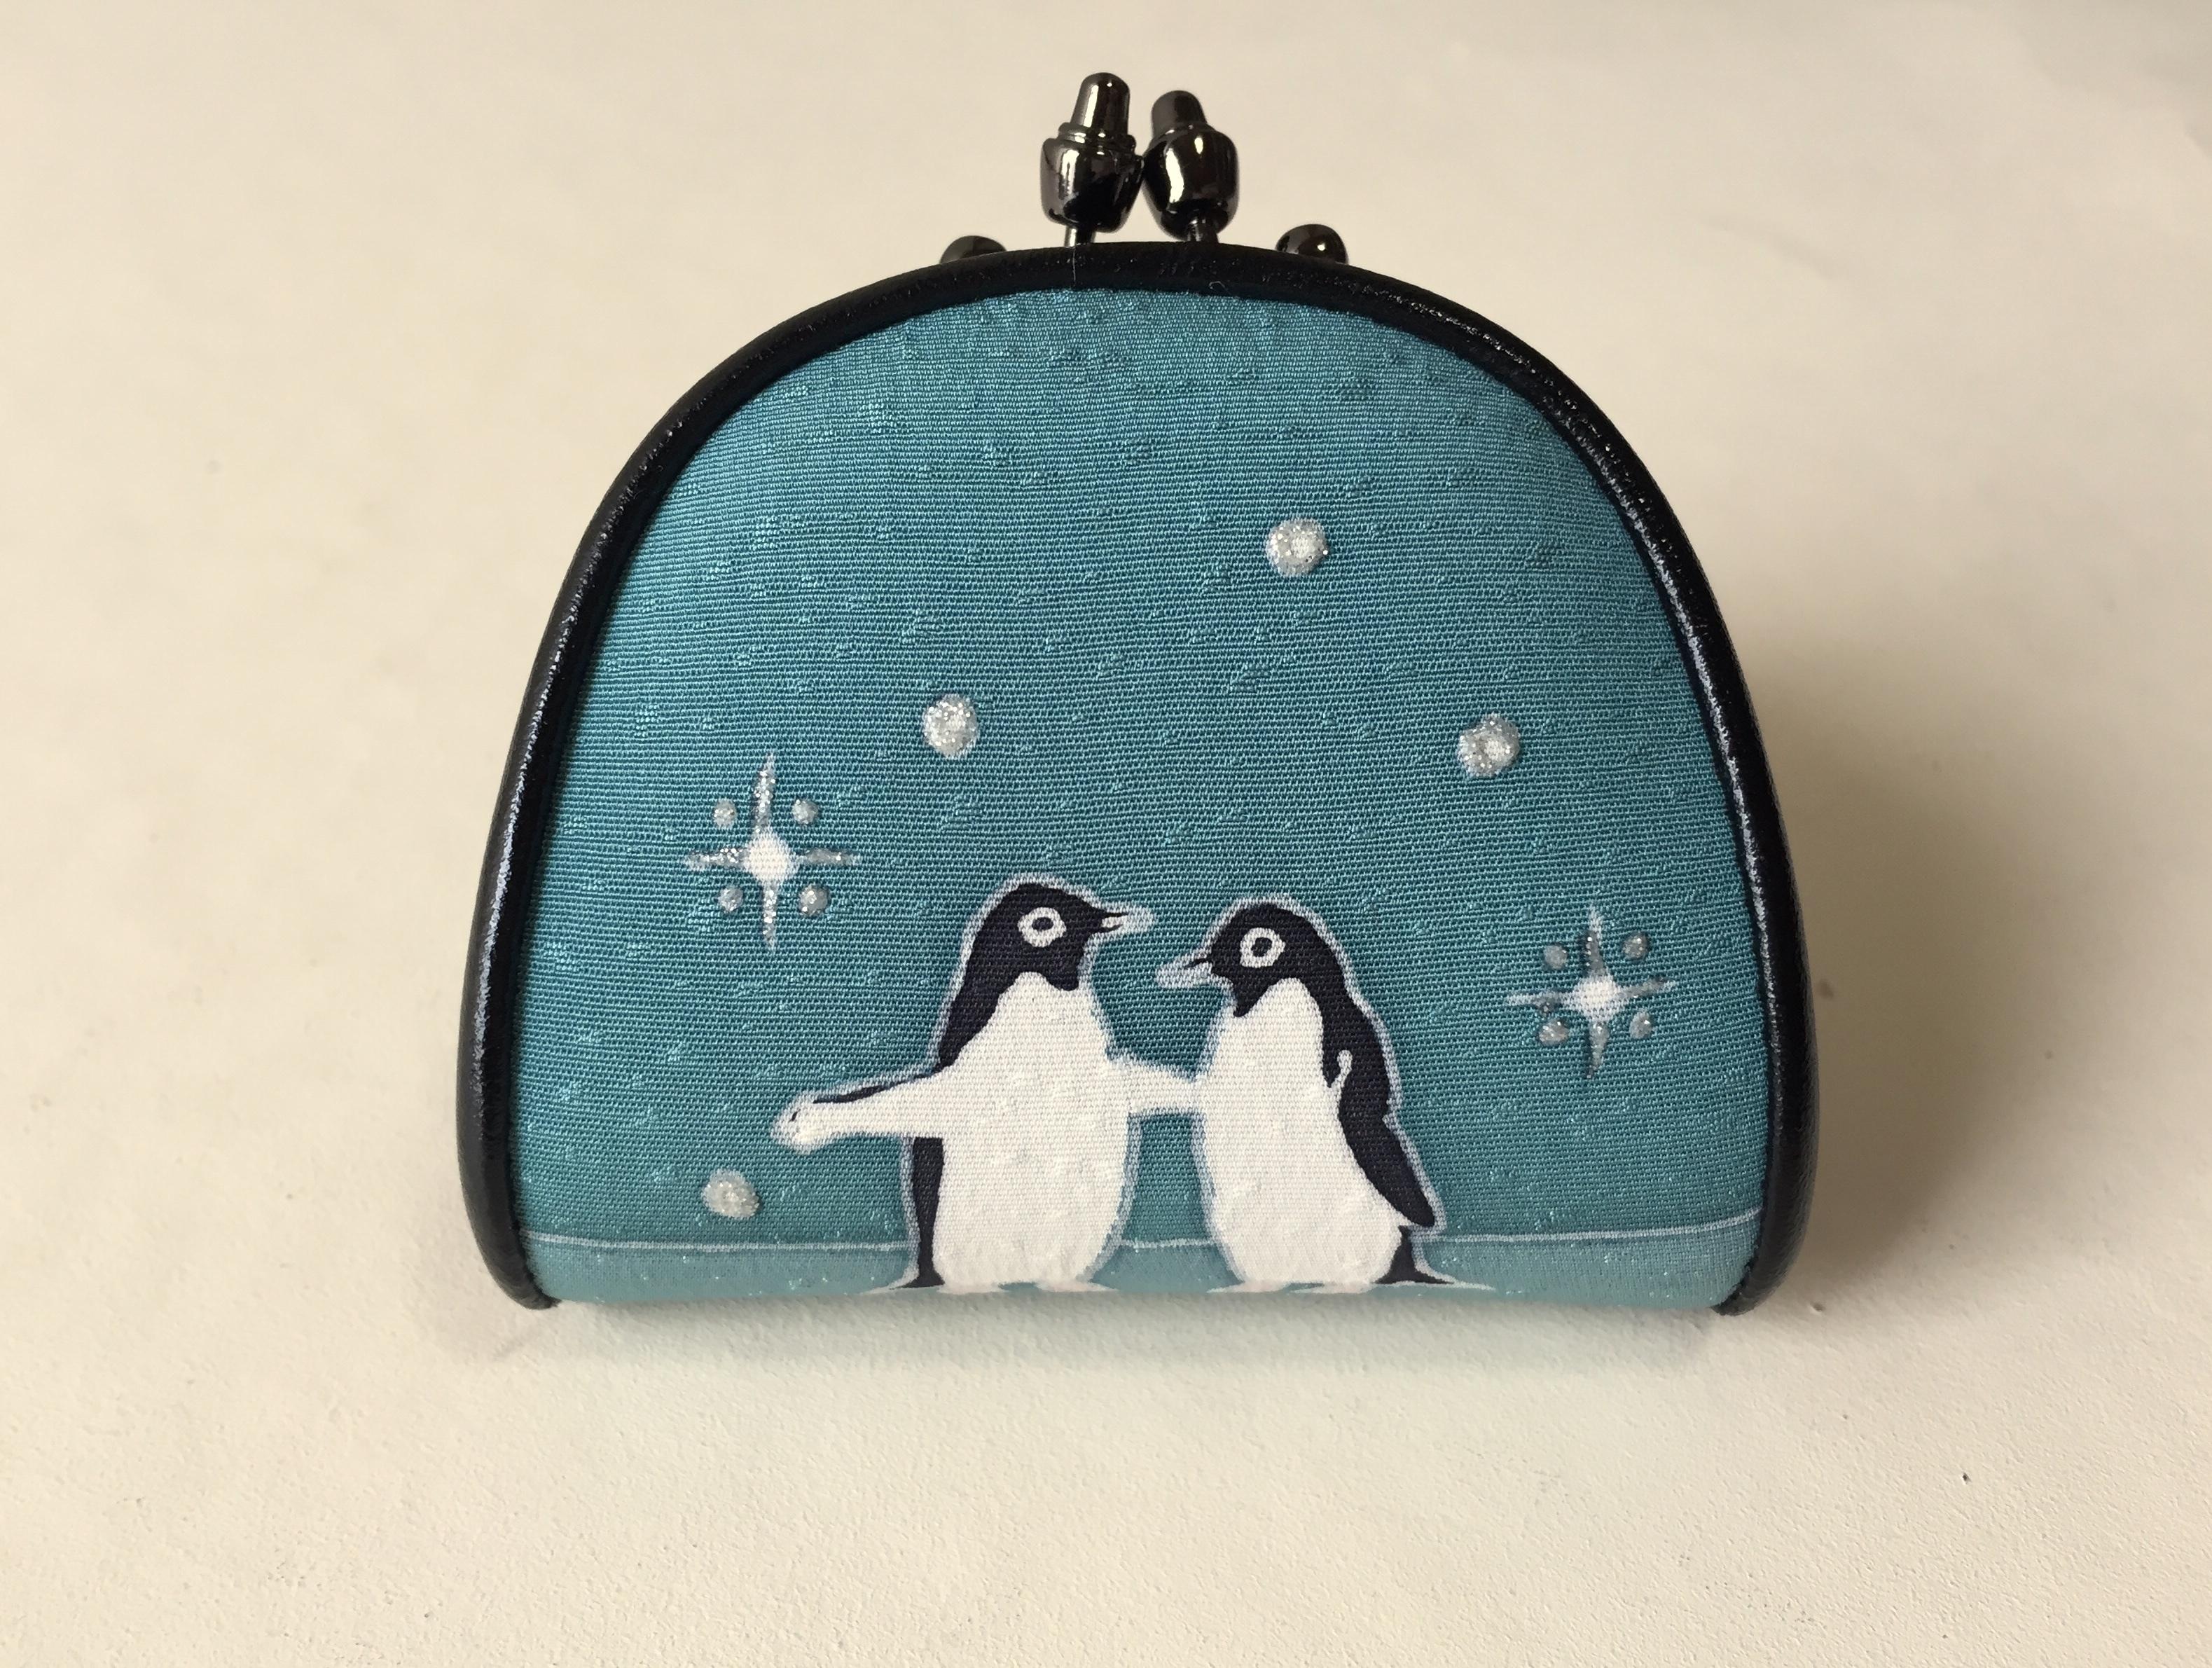 コインケース「ペンギンたち」浅葱色